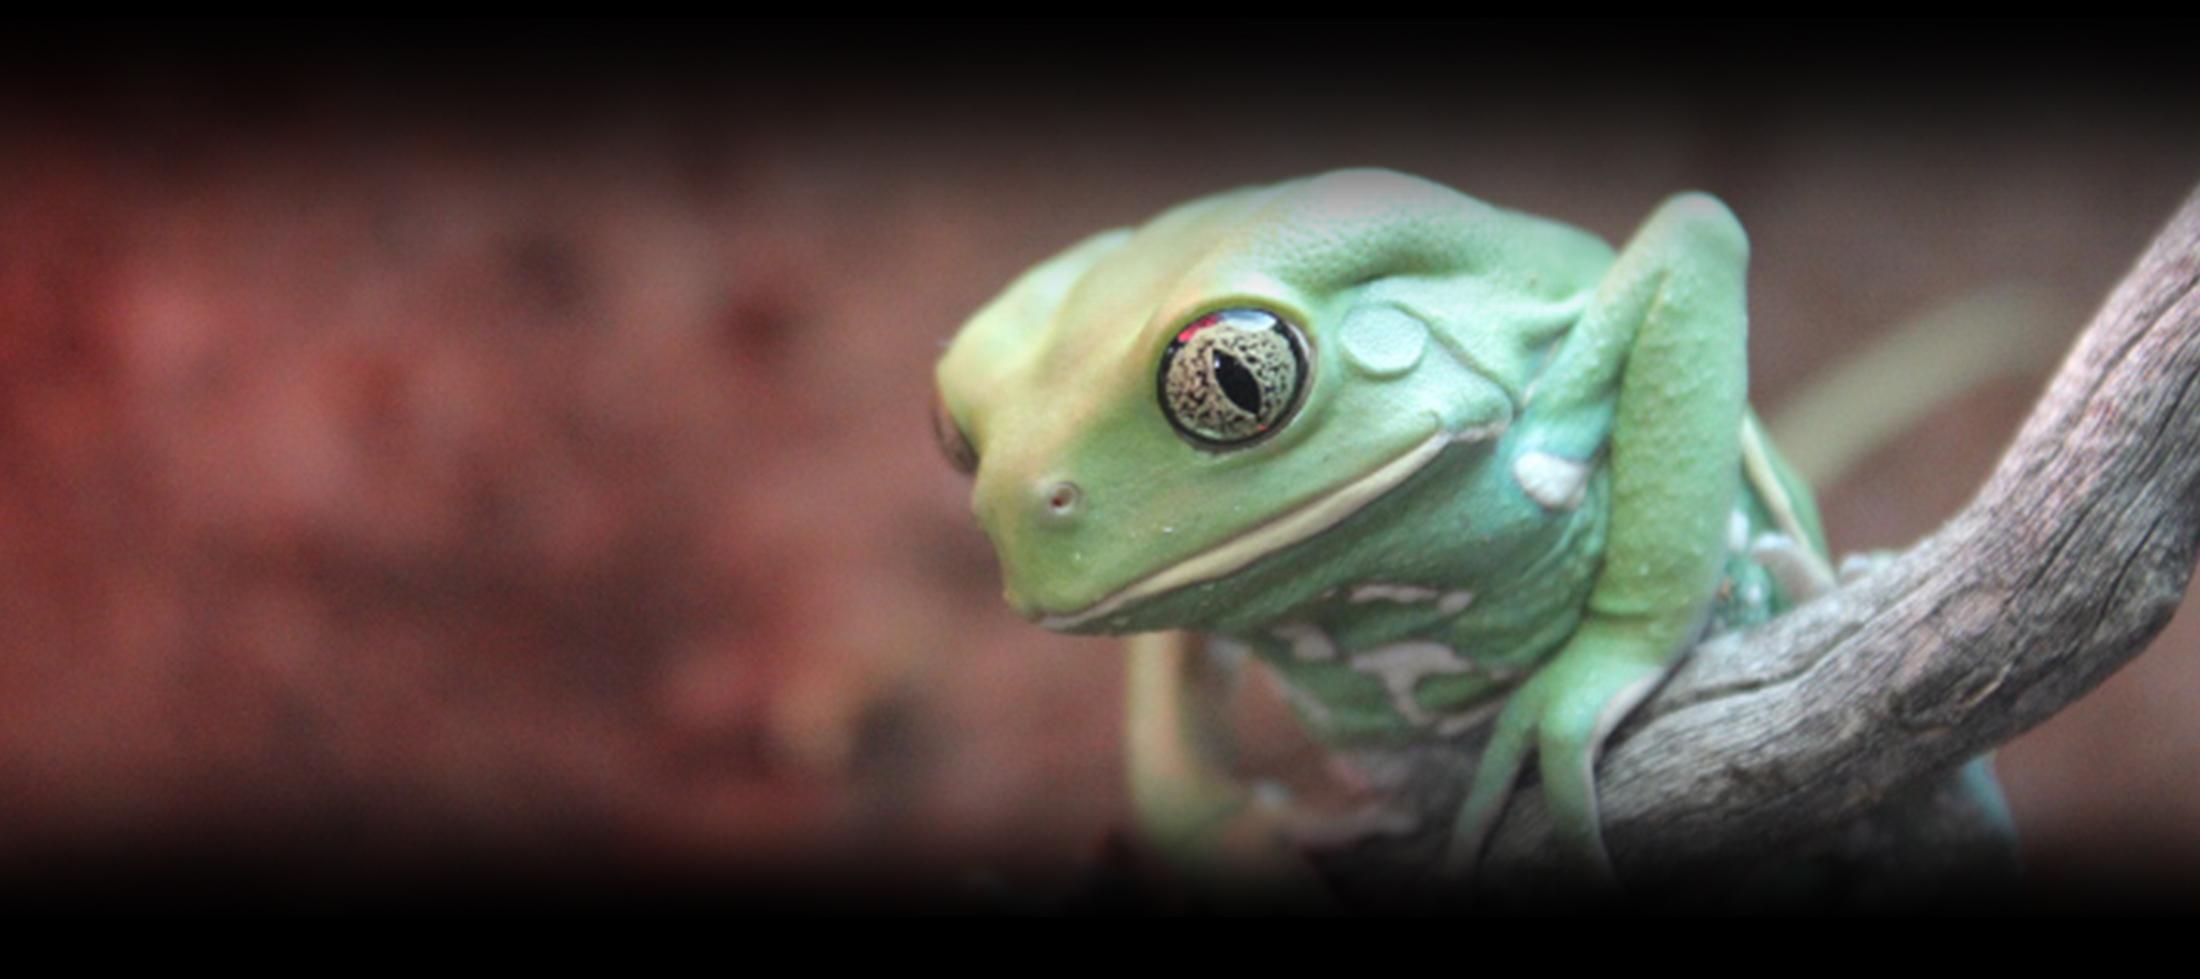 green white frog header image